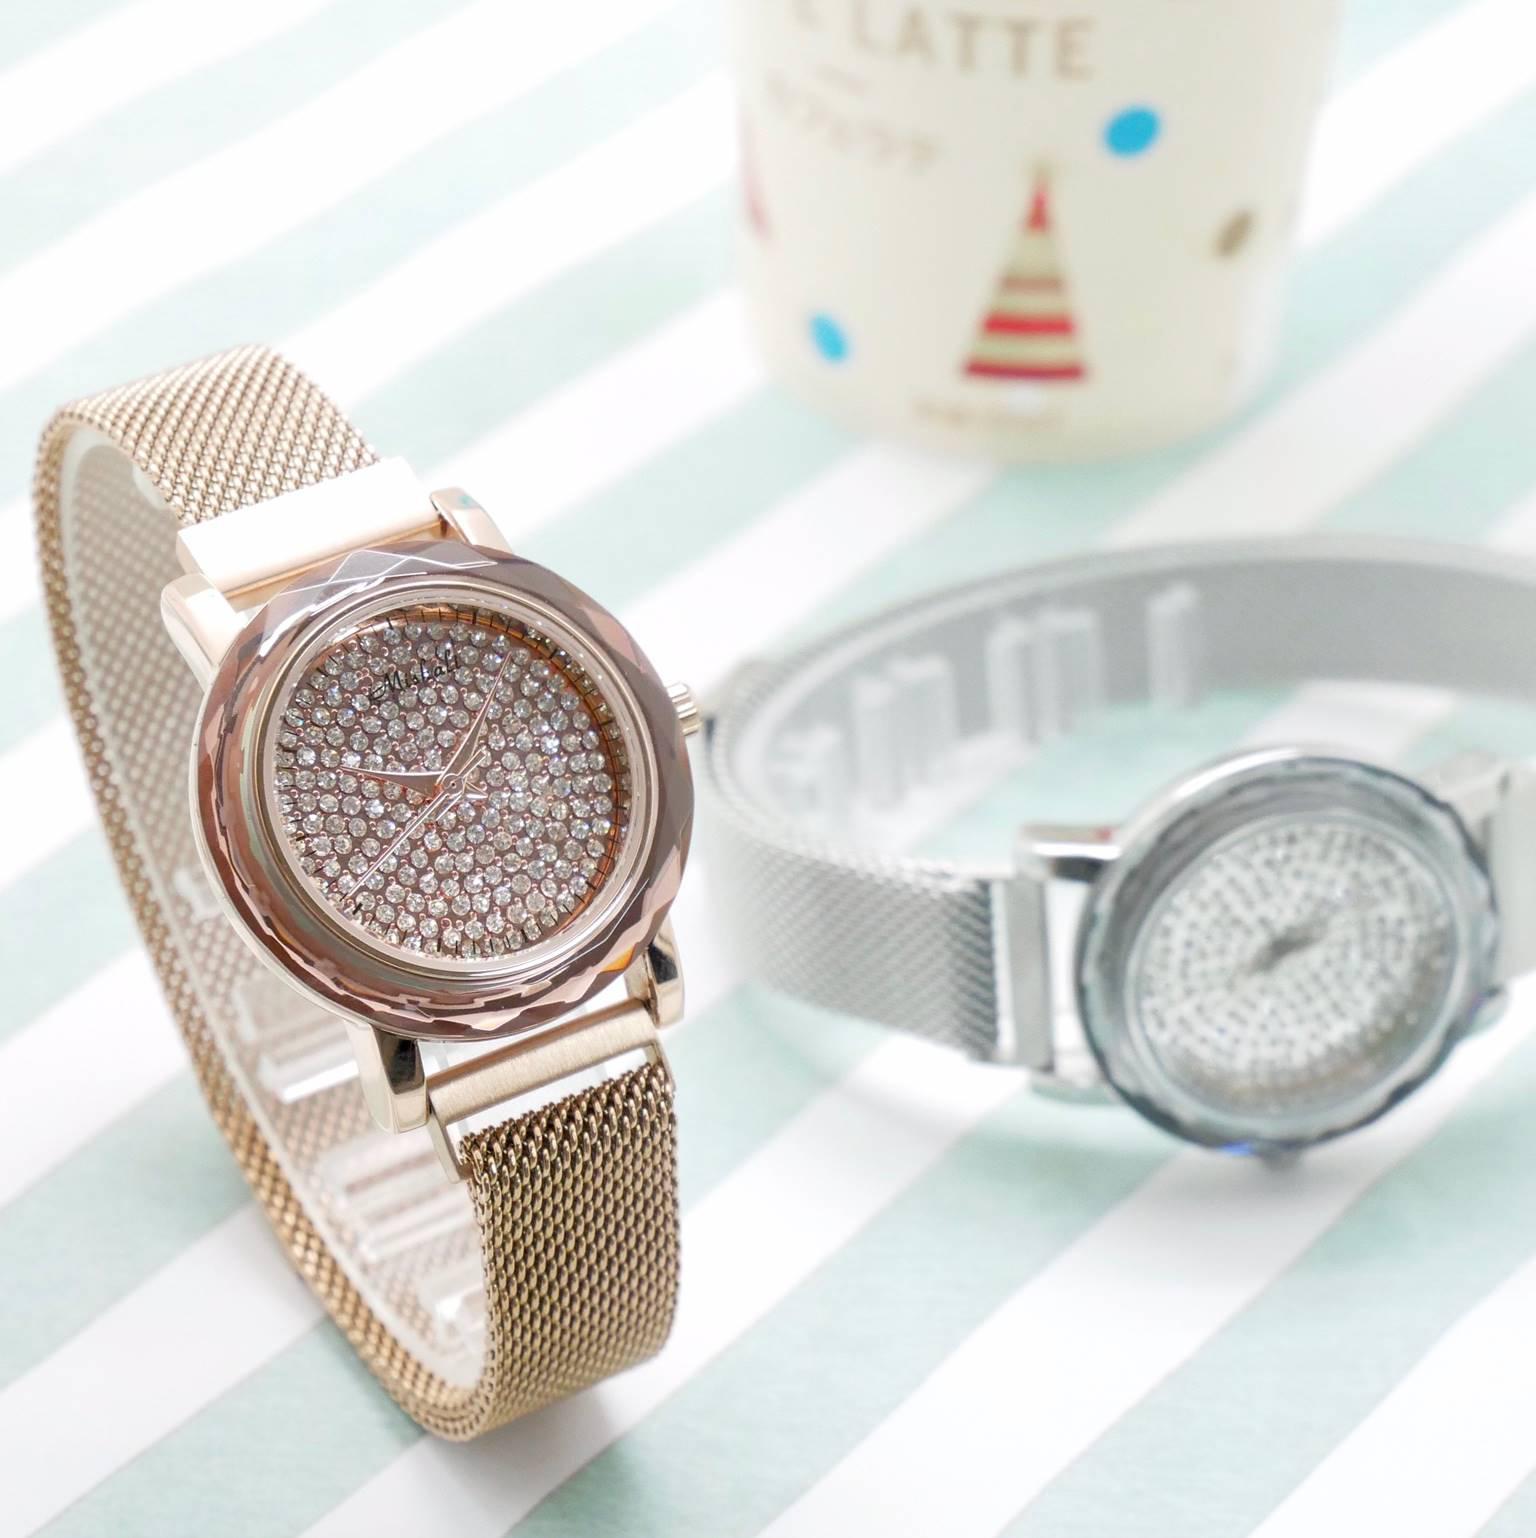 นาฬิกาข้อมือผู้หญิง MISHALI M18015A A